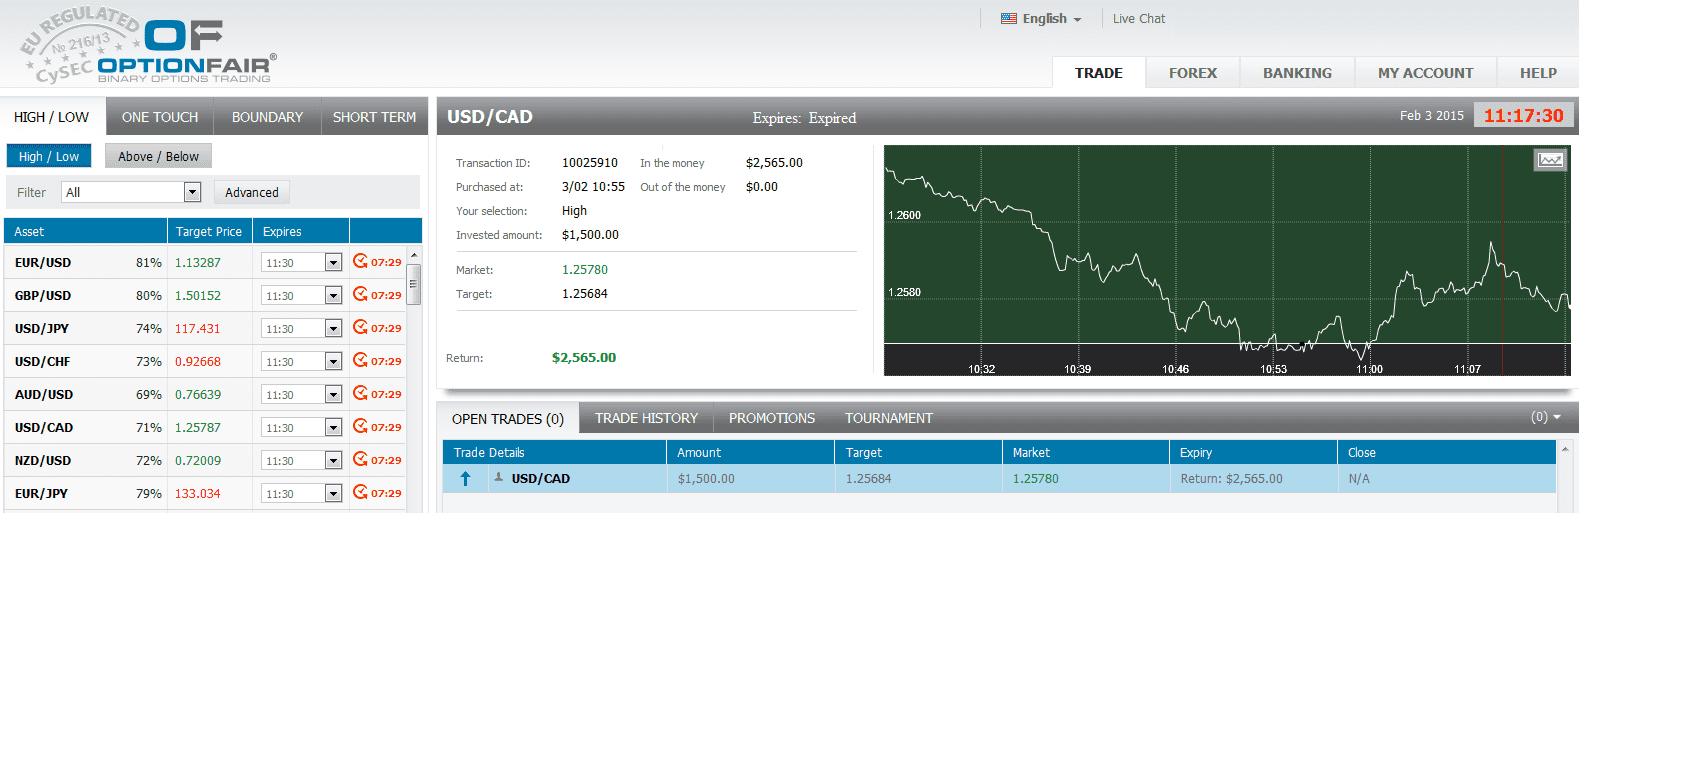 Successful Trades USD CAD EUR